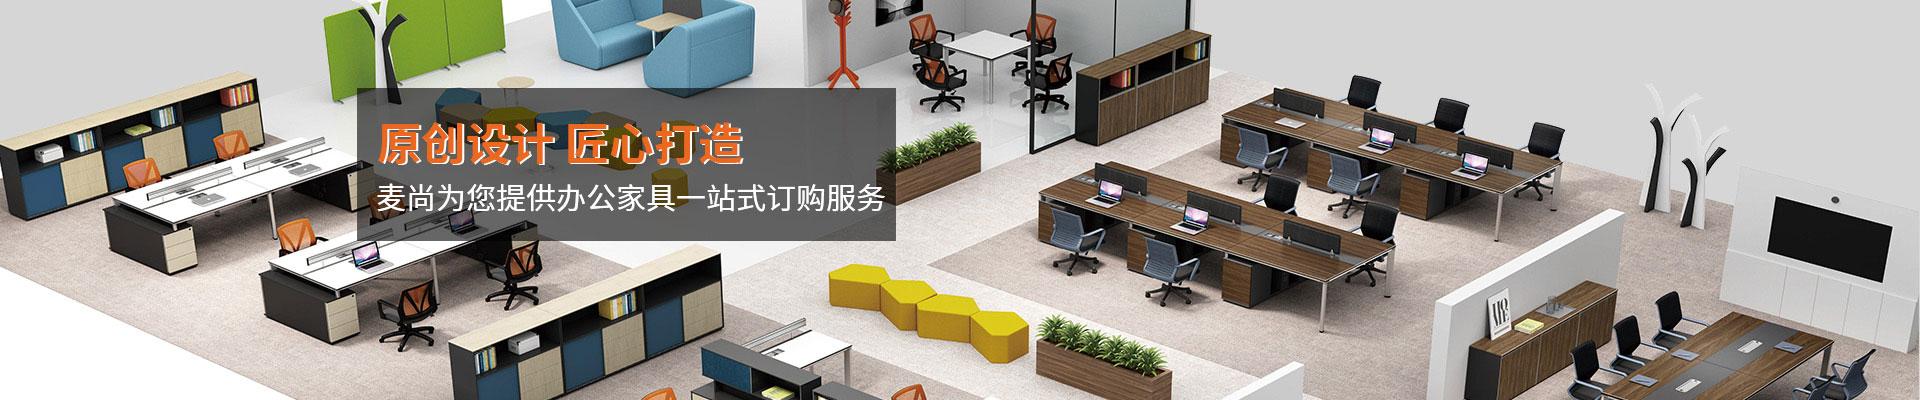 办公家具中心-原创设计,匠心打造